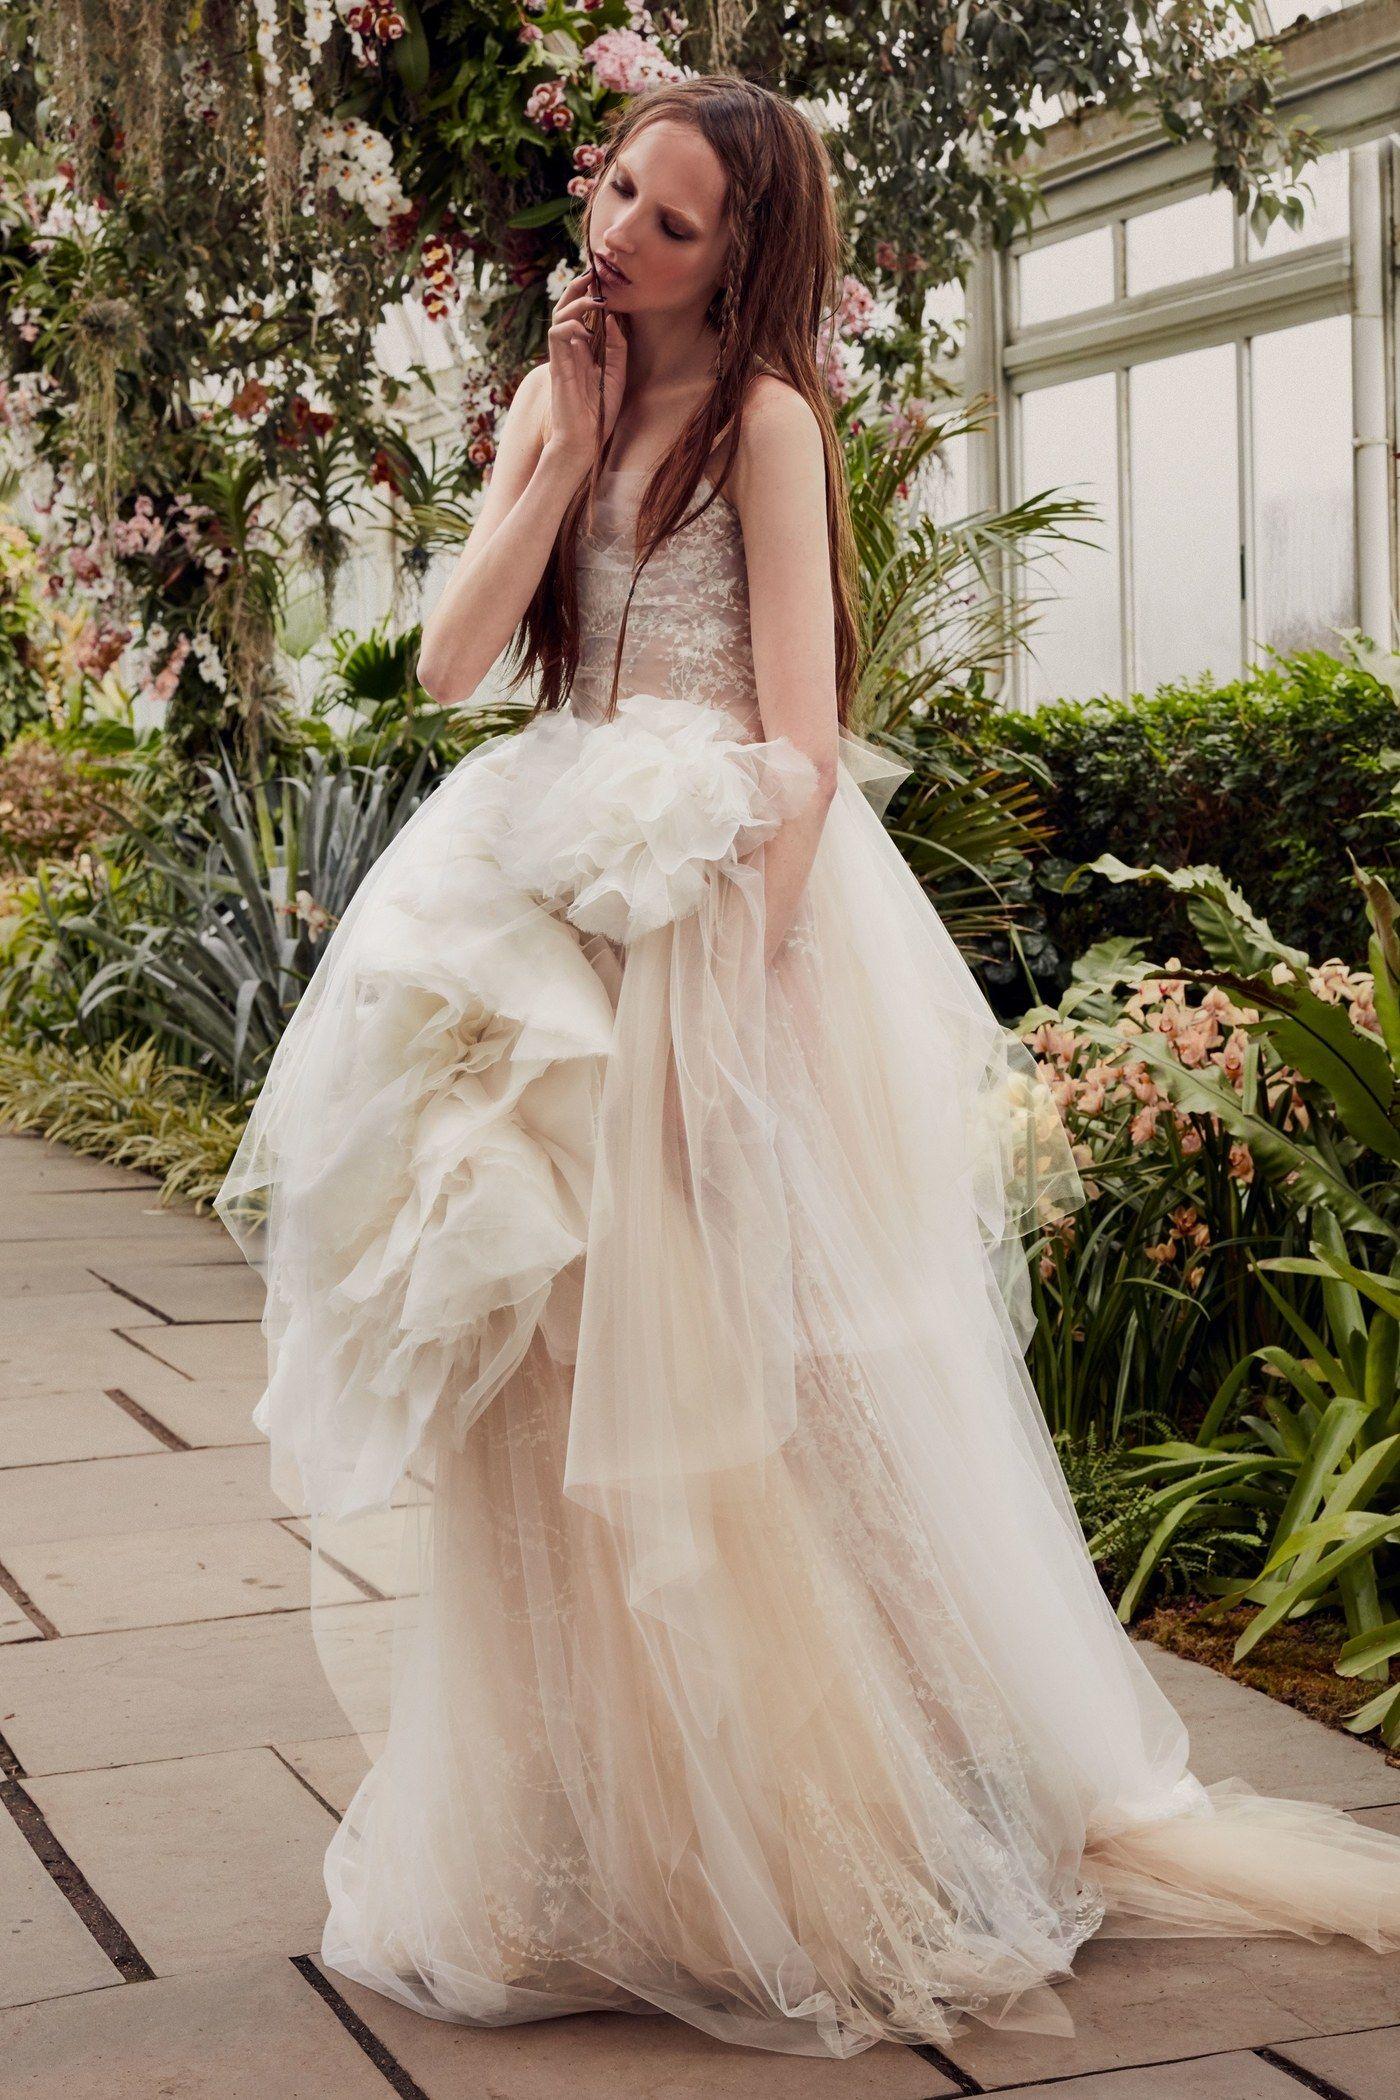 8 Major Wedding Dress Trends For Spring From Bridal Fashion Week Vera Wang Bridal Vera Wang Wedding Wedding Dress Trends [ 2100 x 1400 Pixel ]